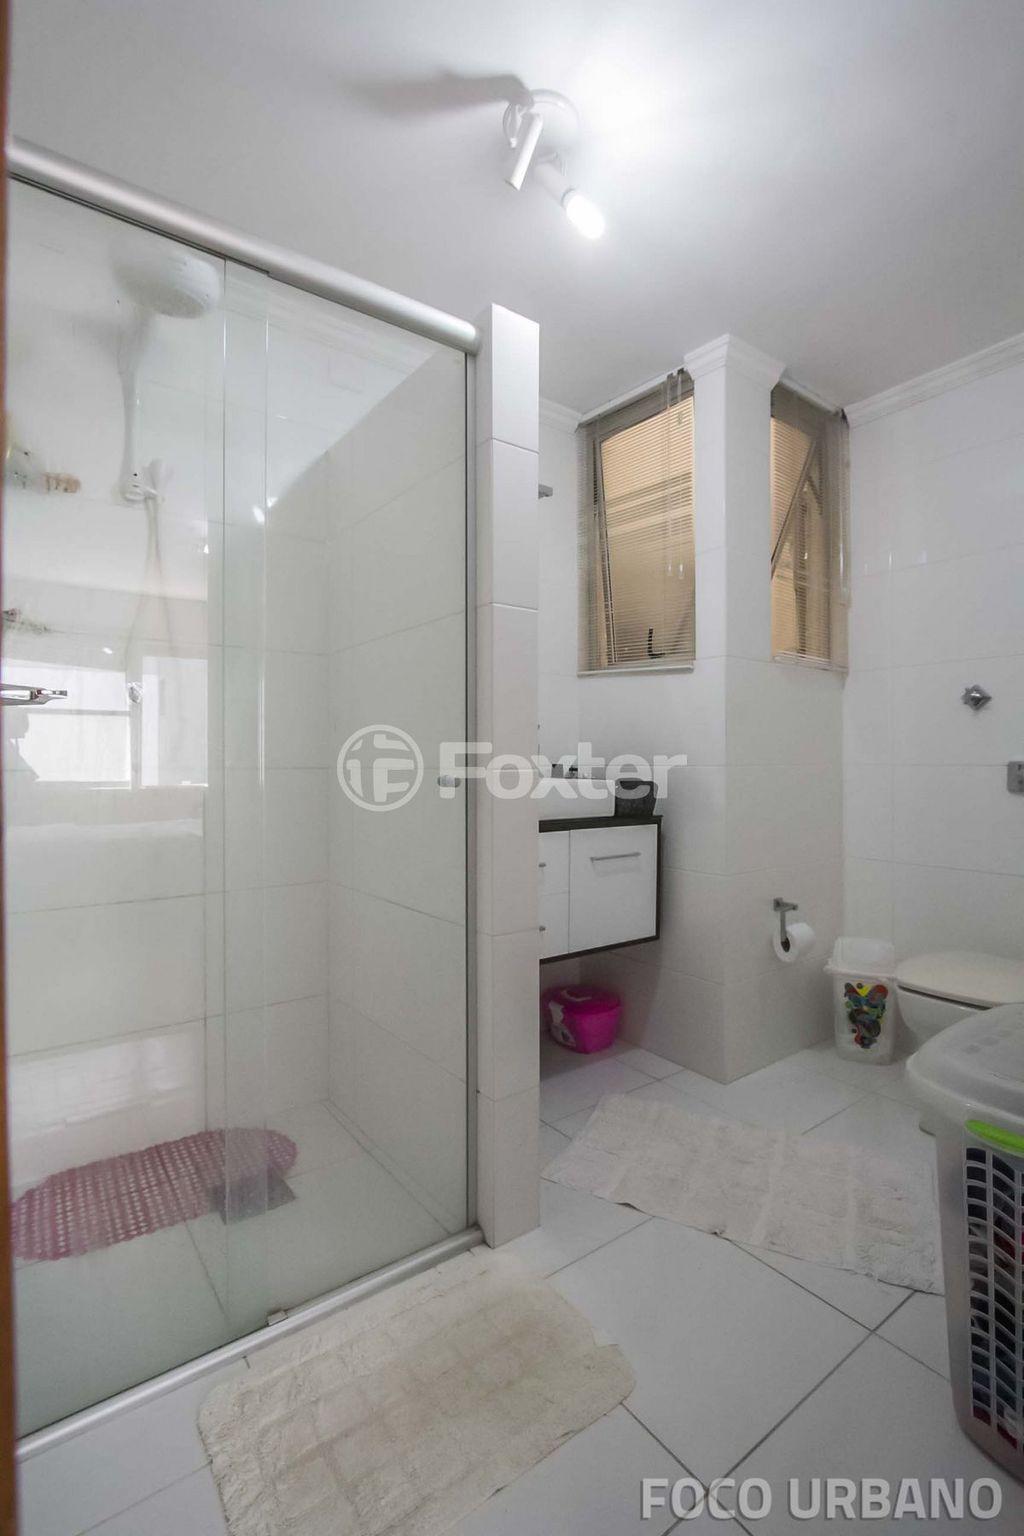 Apto 3 Dorm, Rio Branco, Porto Alegre (131129) - Foto 20